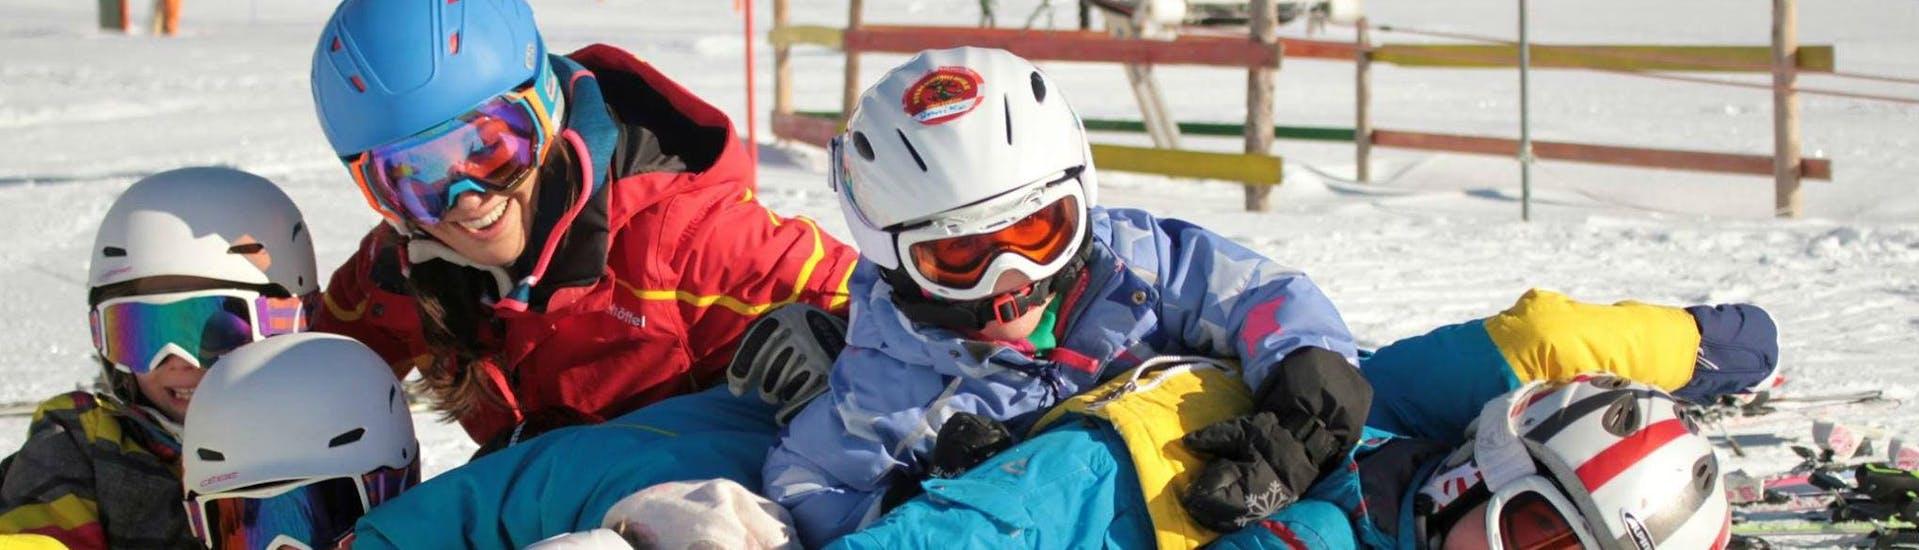 Cours de ski Enfants dès 3 ans pour Débutants avec WM Schischule Royer Ramsau - Hero image